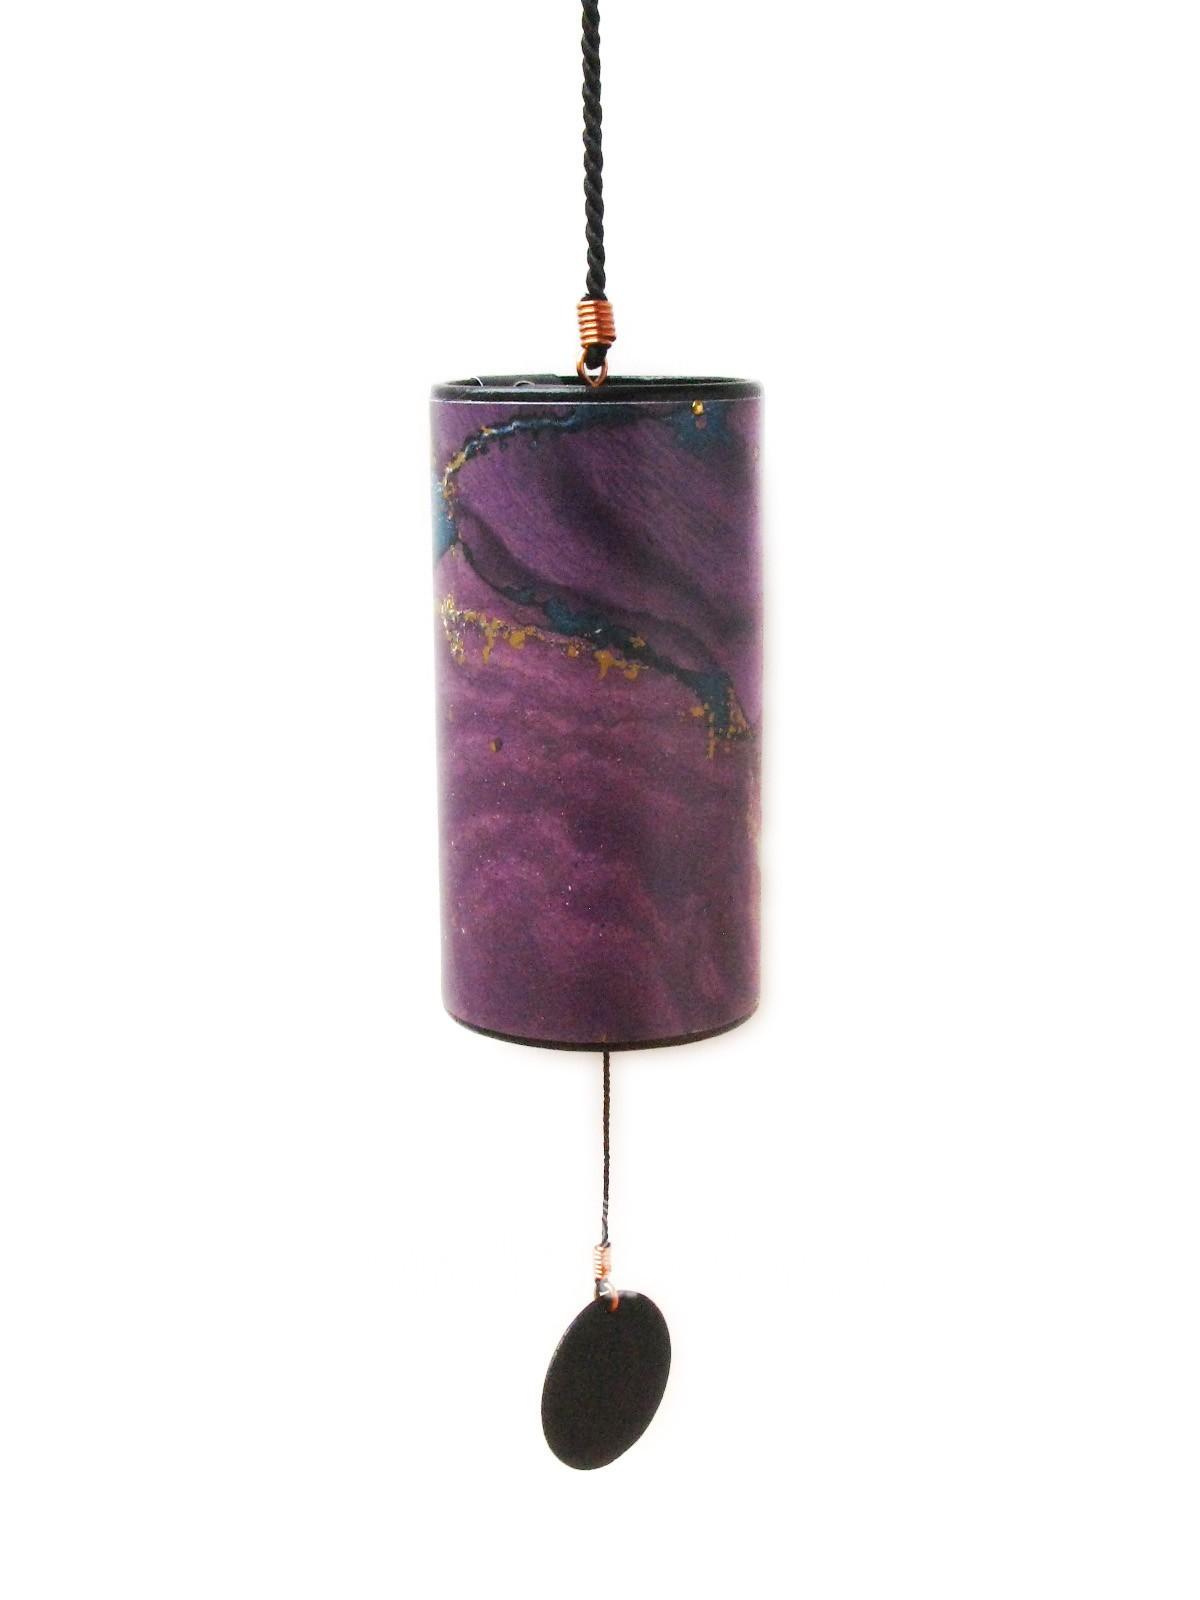 Zaphir couleur violet